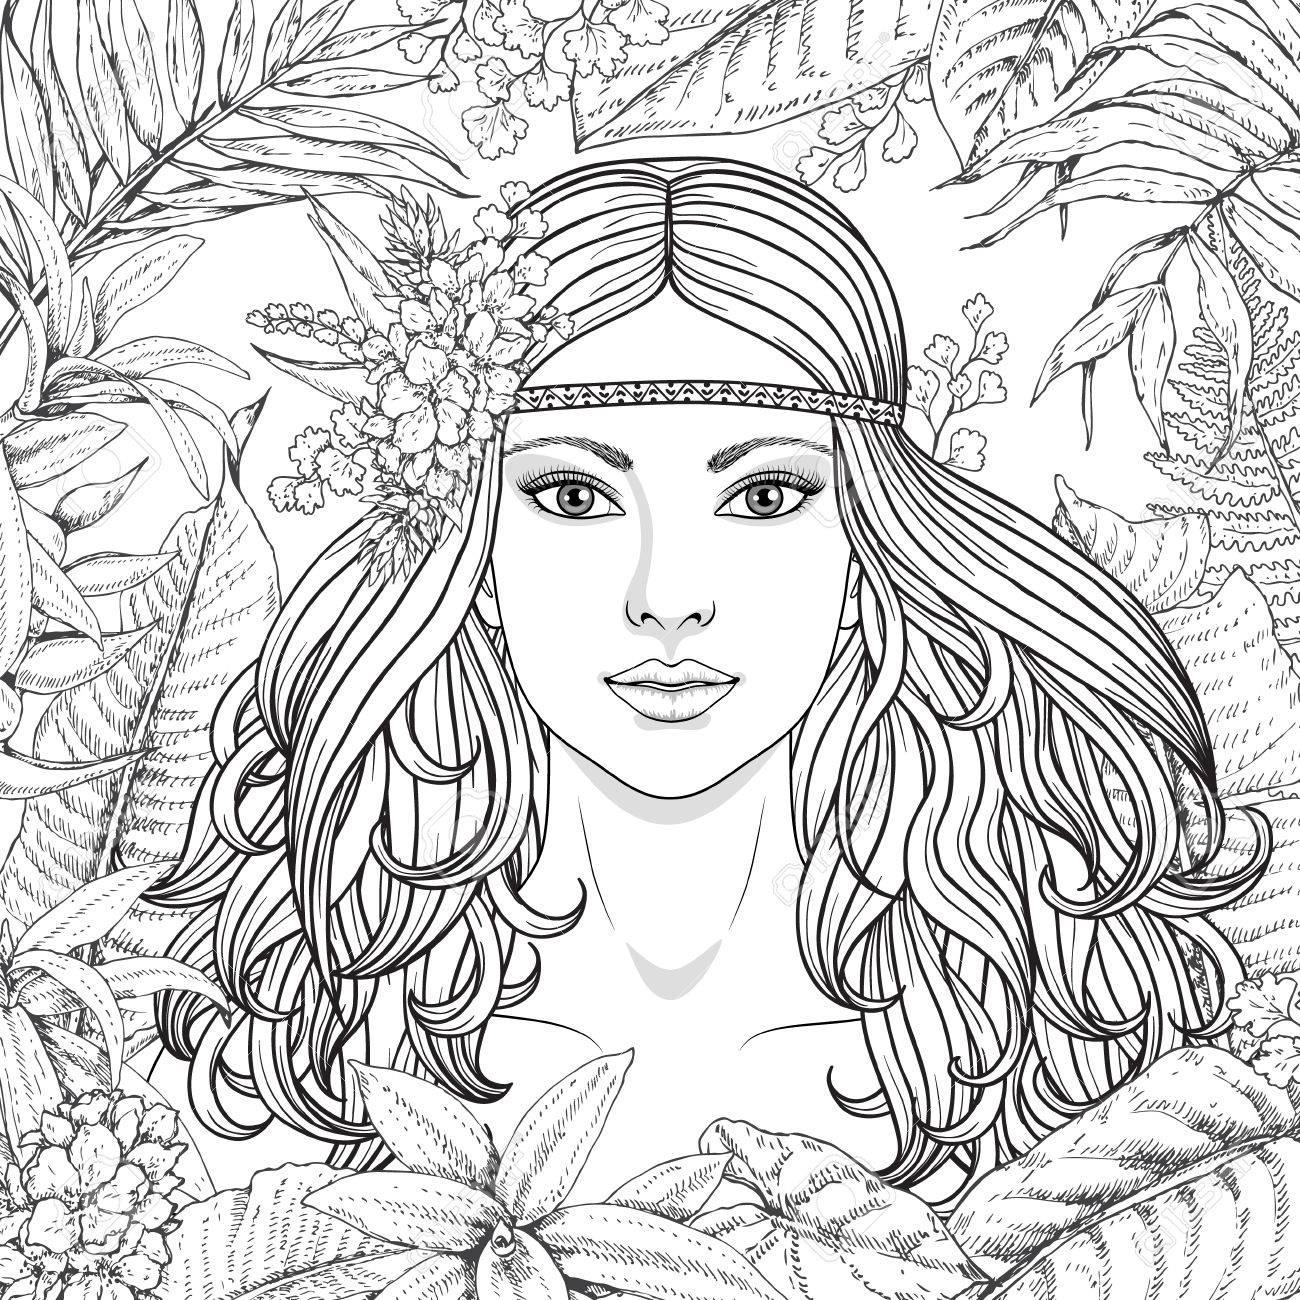 Hand gezeichnete Mädchen und Zweige, Blätter von tropischen Pflanzen.  Schwarz-Weiß-Blumen-Abbildung ausmalbilder für Erwachsene. Einfarbiges Bild  der